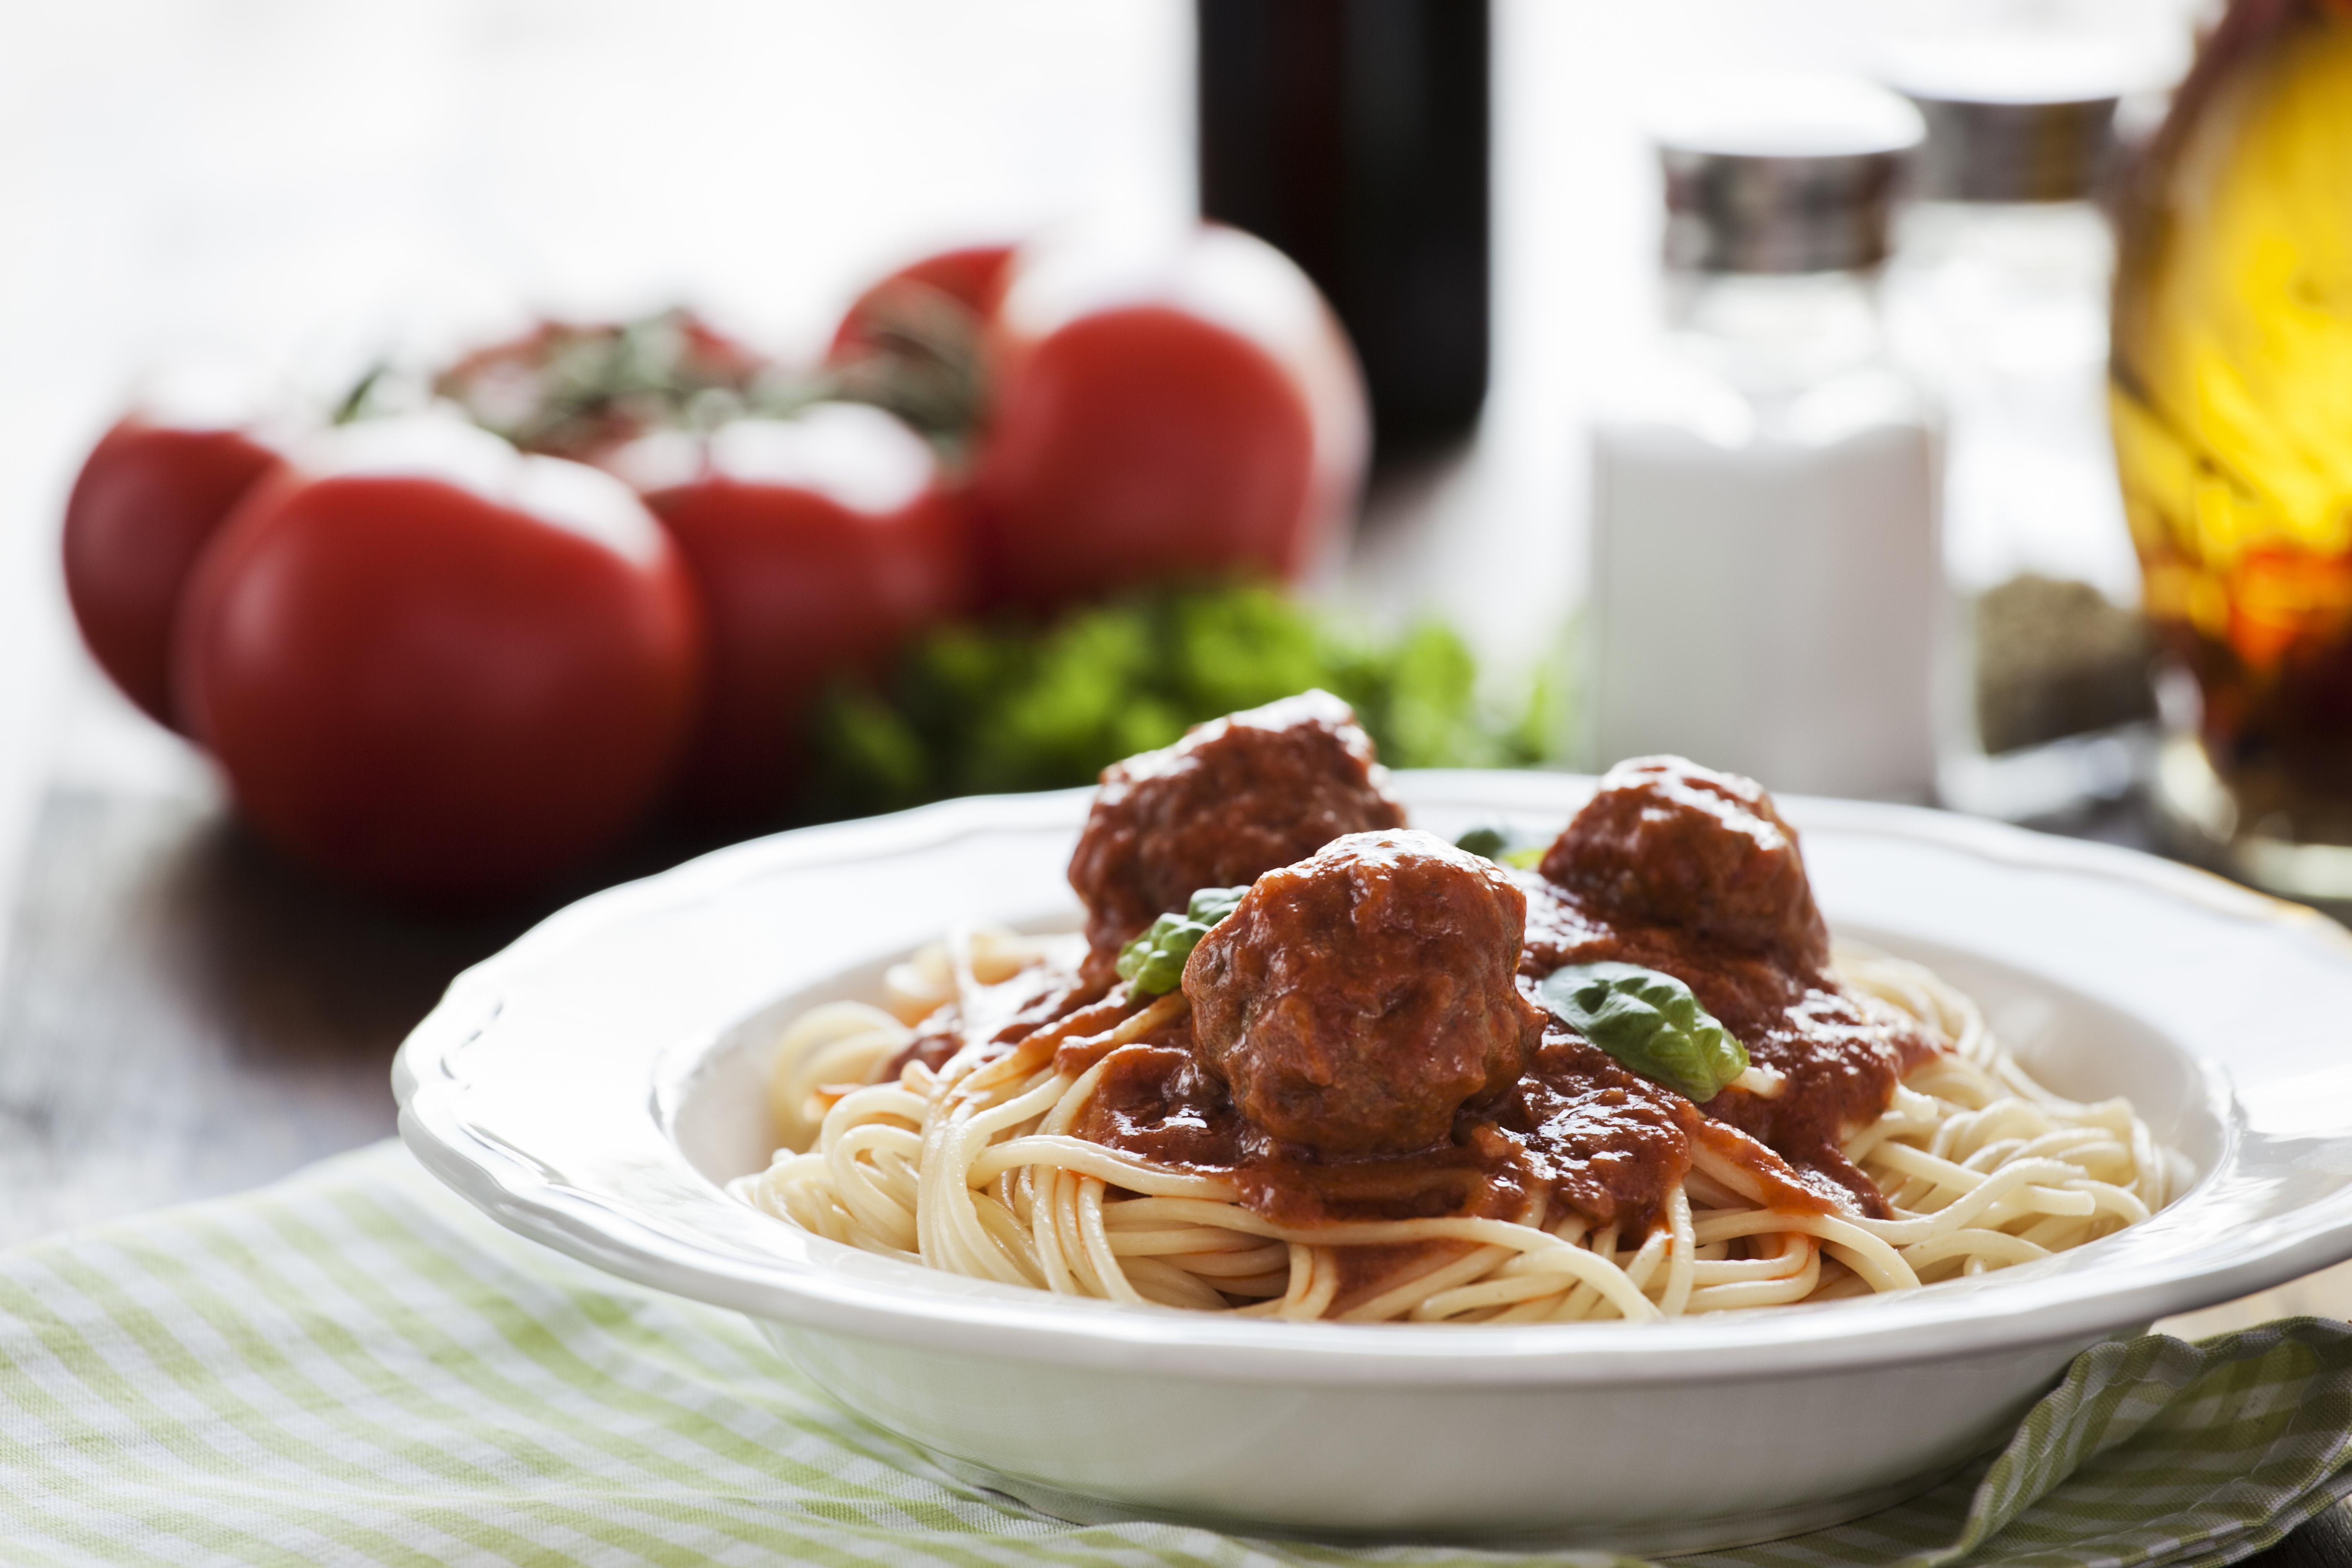 Spaghetti Della casa-184402581